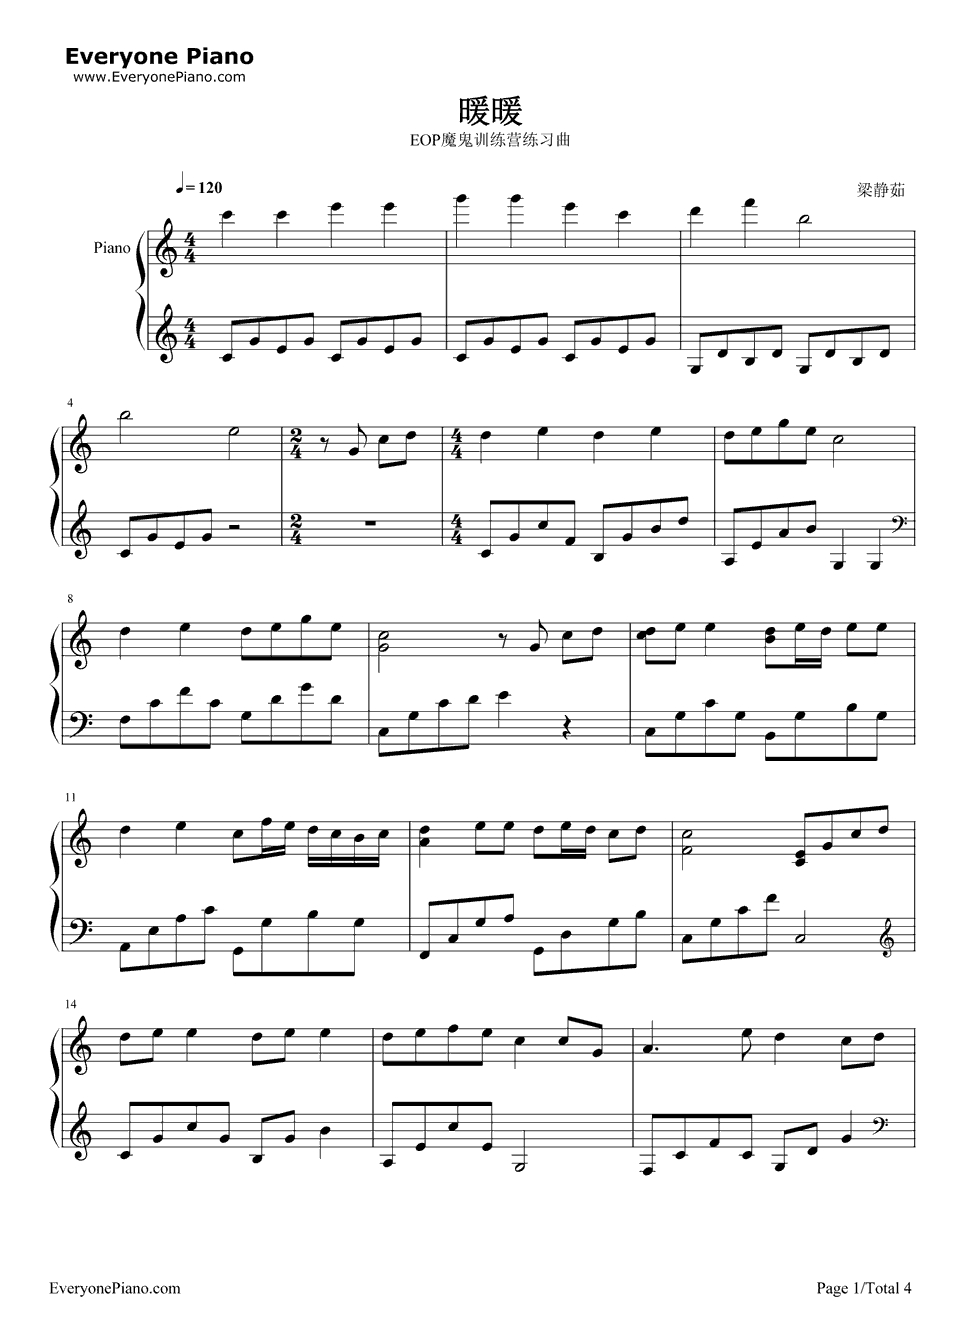 暖暖雙手鋼琴譜分享_暖暖雙手鋼琴譜圖片下載